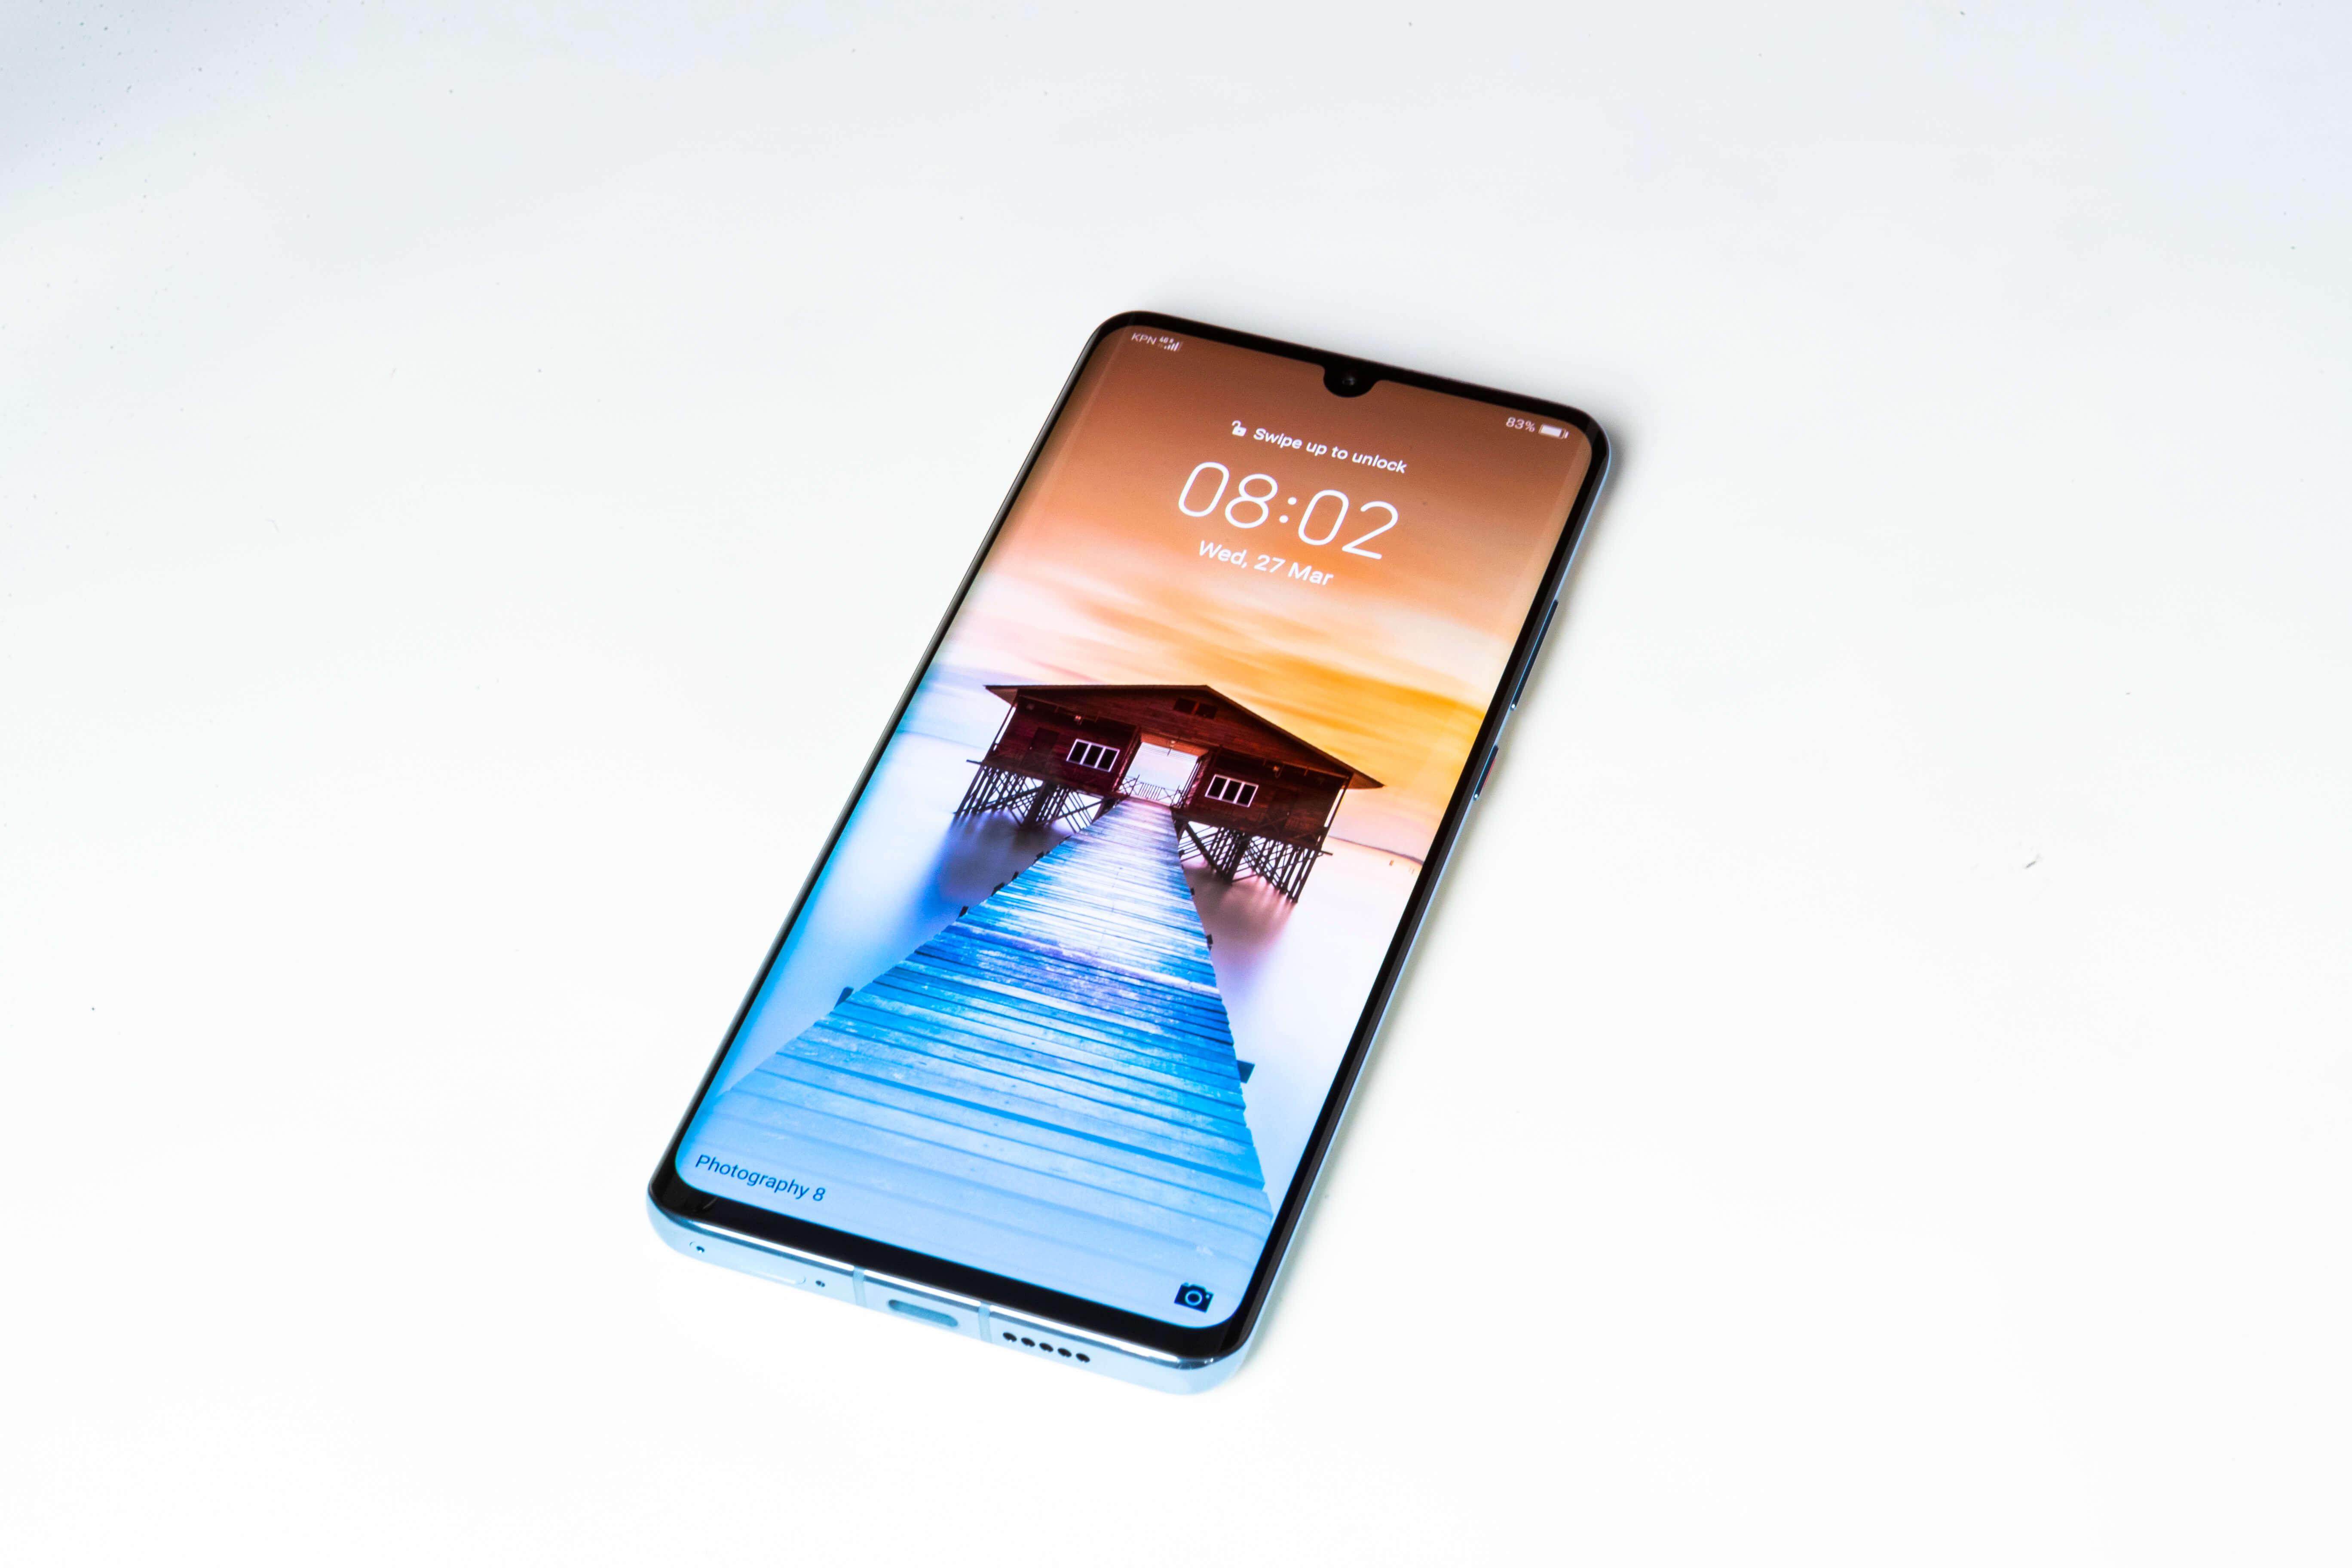 Descuento de hasta un 63 % para cambiar la pantalla de tu móvil